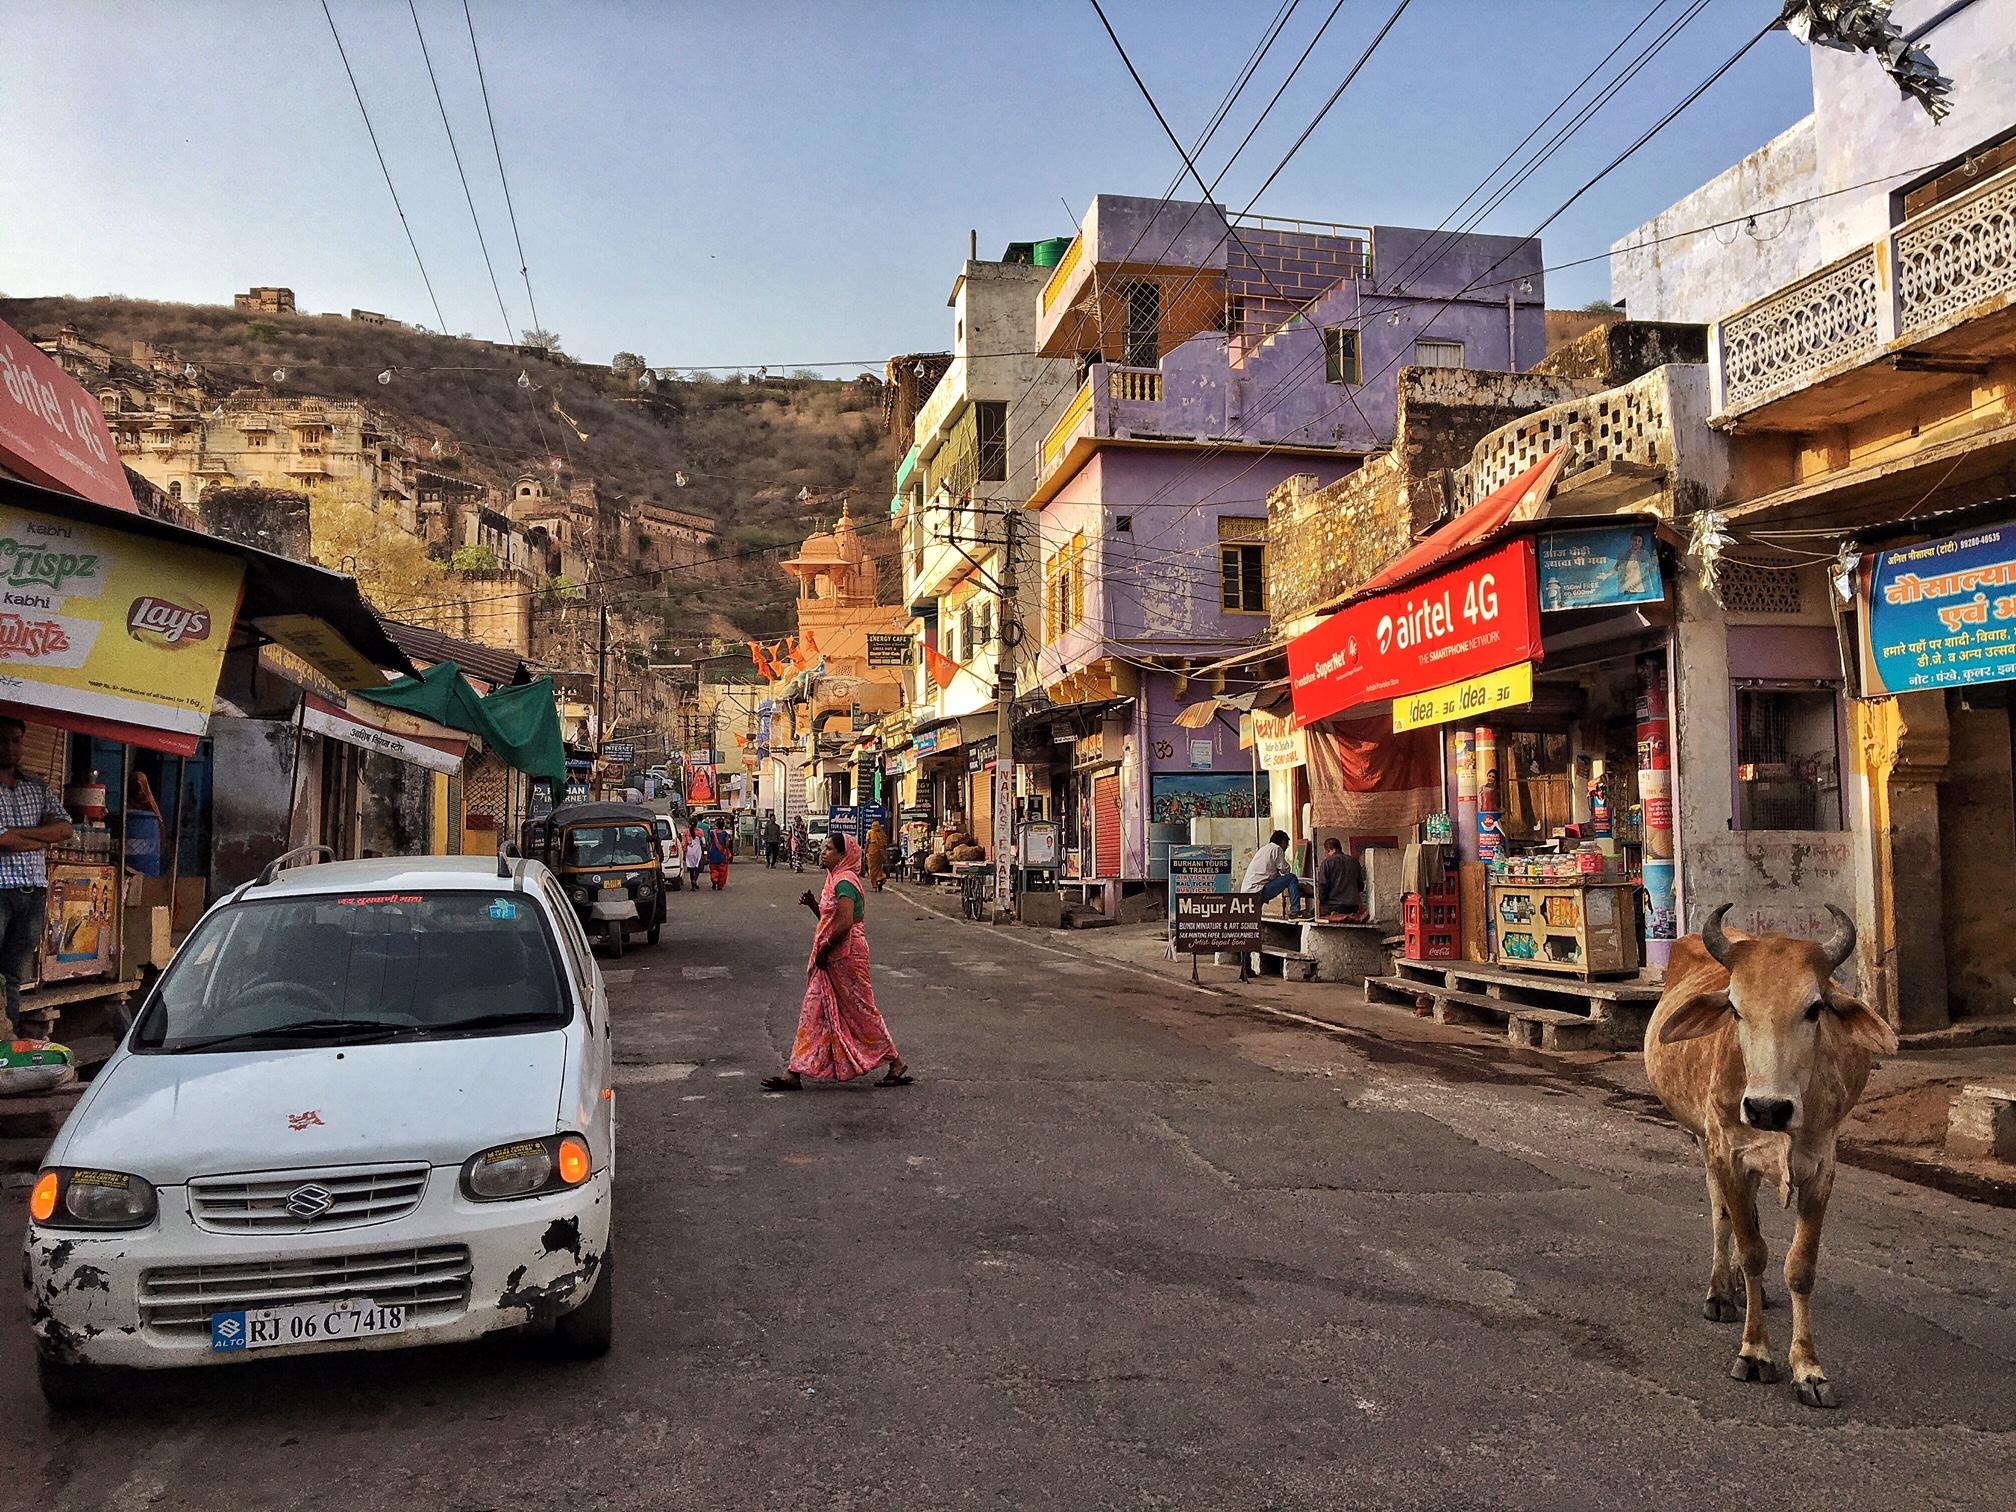 Rues de la vieille ville de Bundi